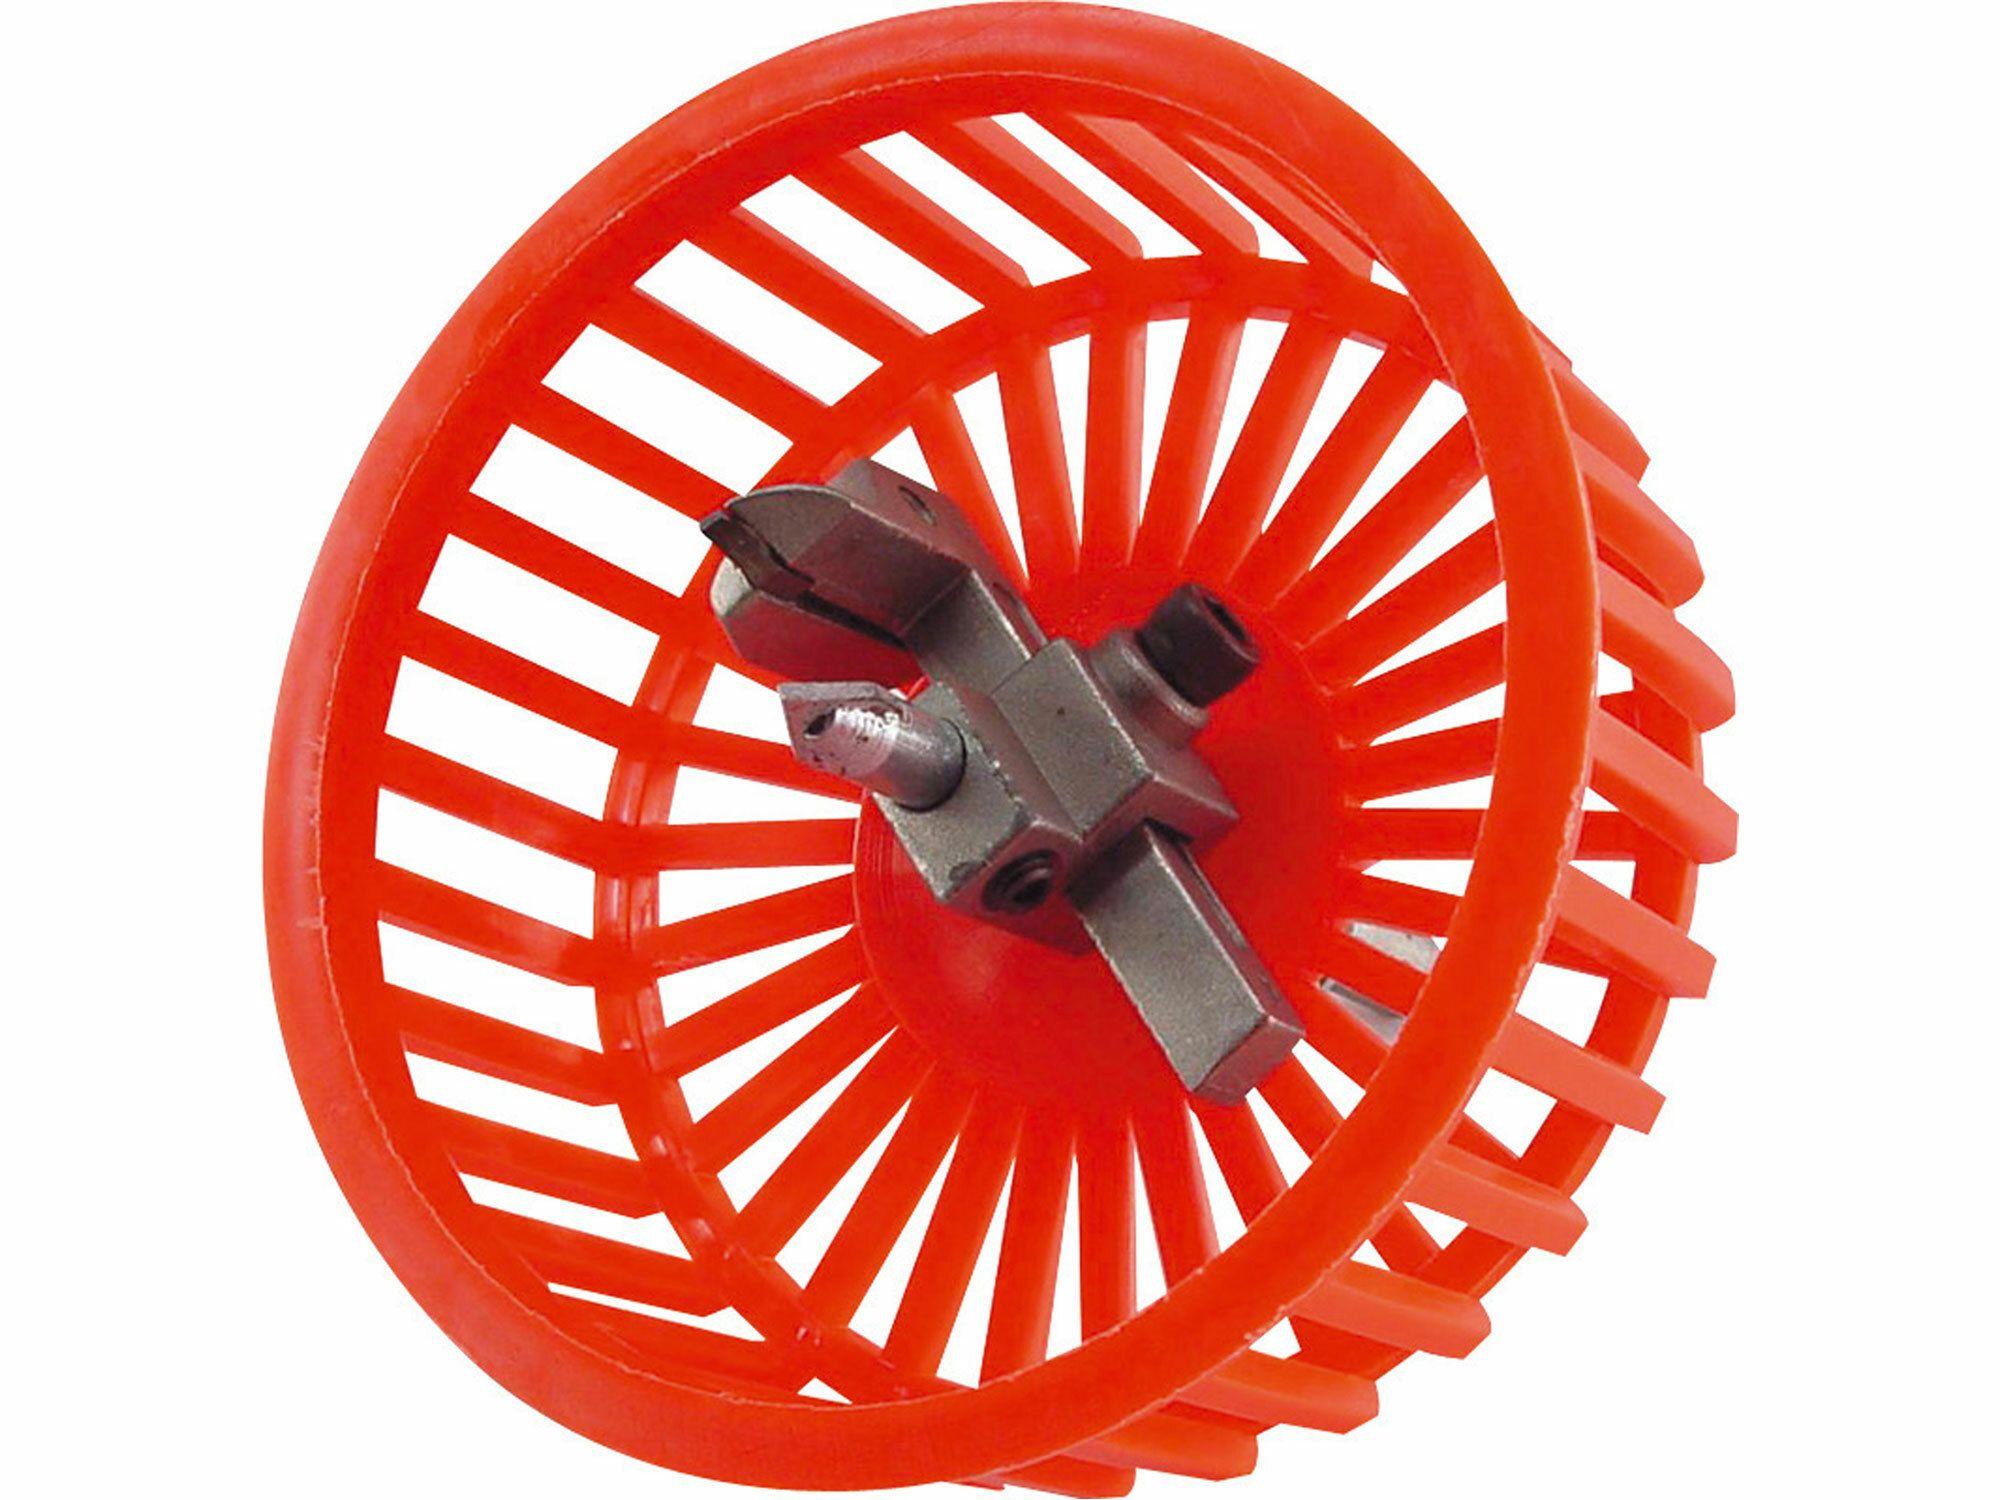 Řezač otvorů do kachliček s krytem, O 20-94mm, uchycení do vrtačky EXTOL-CRAFT